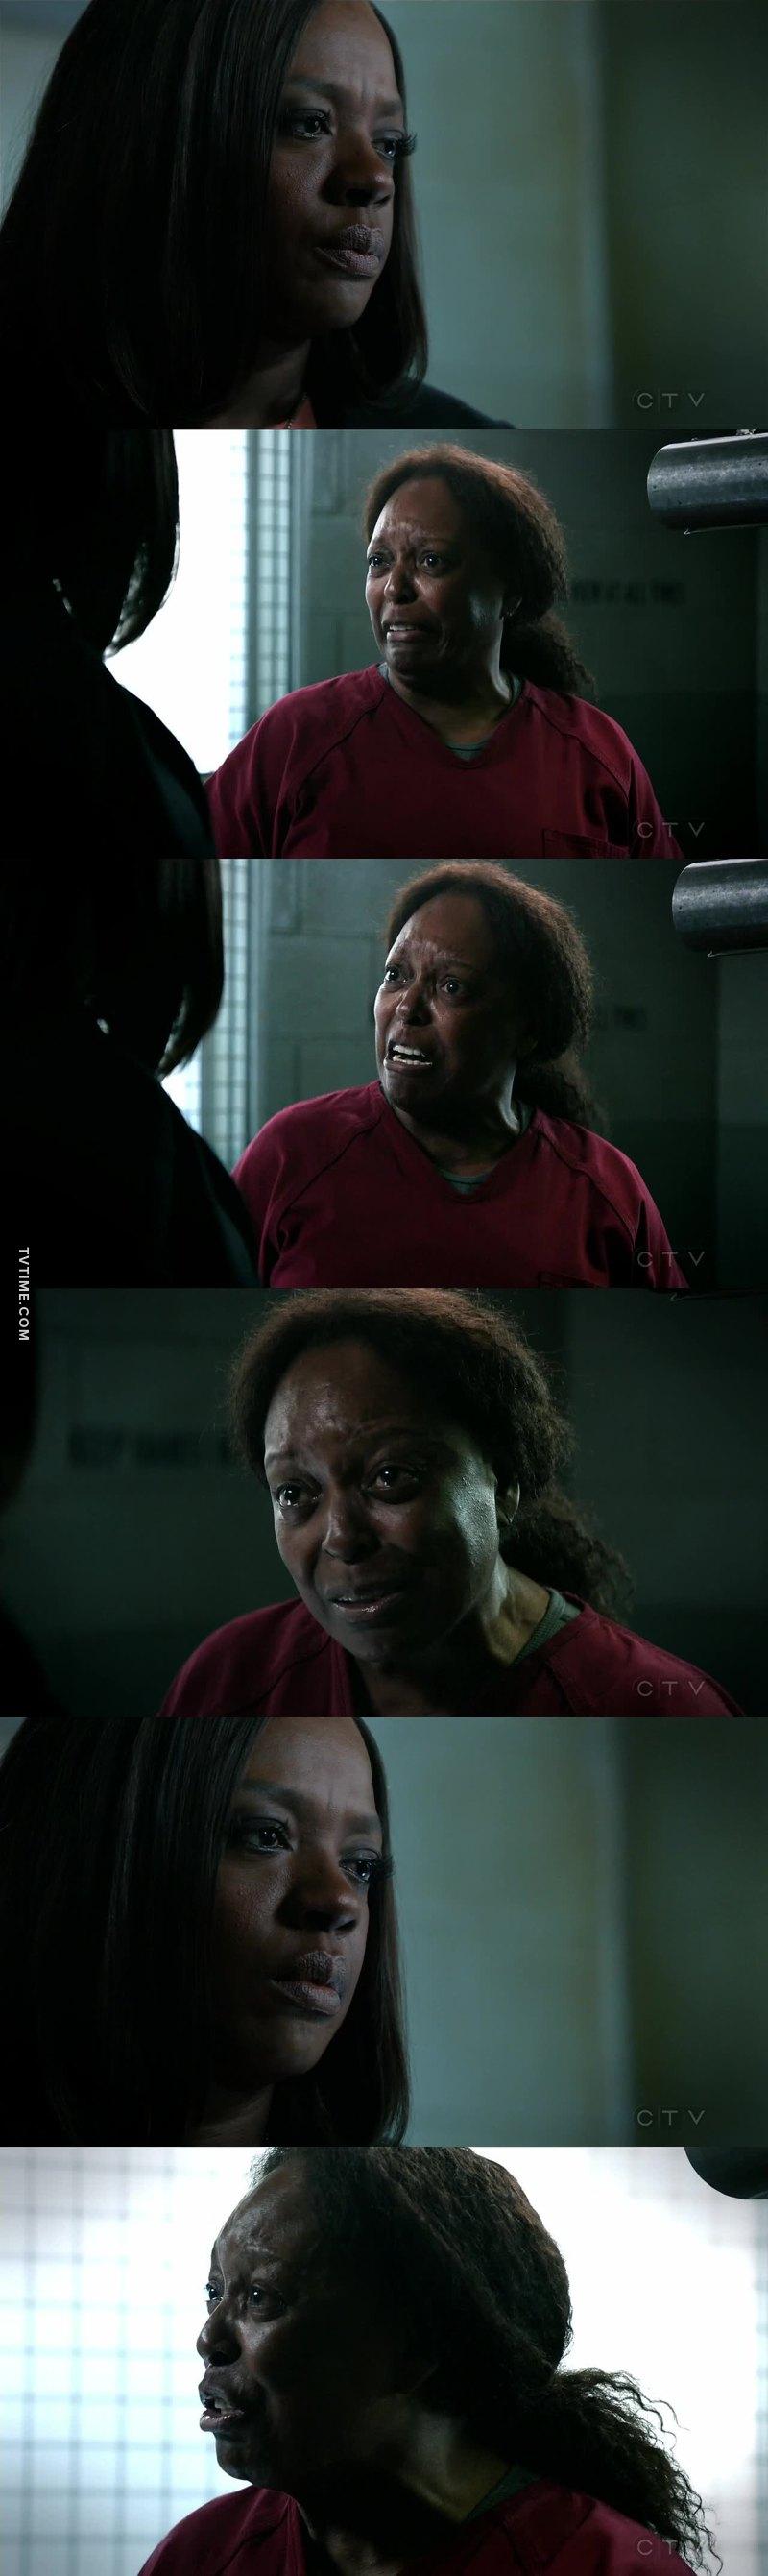 This scene broke my heart